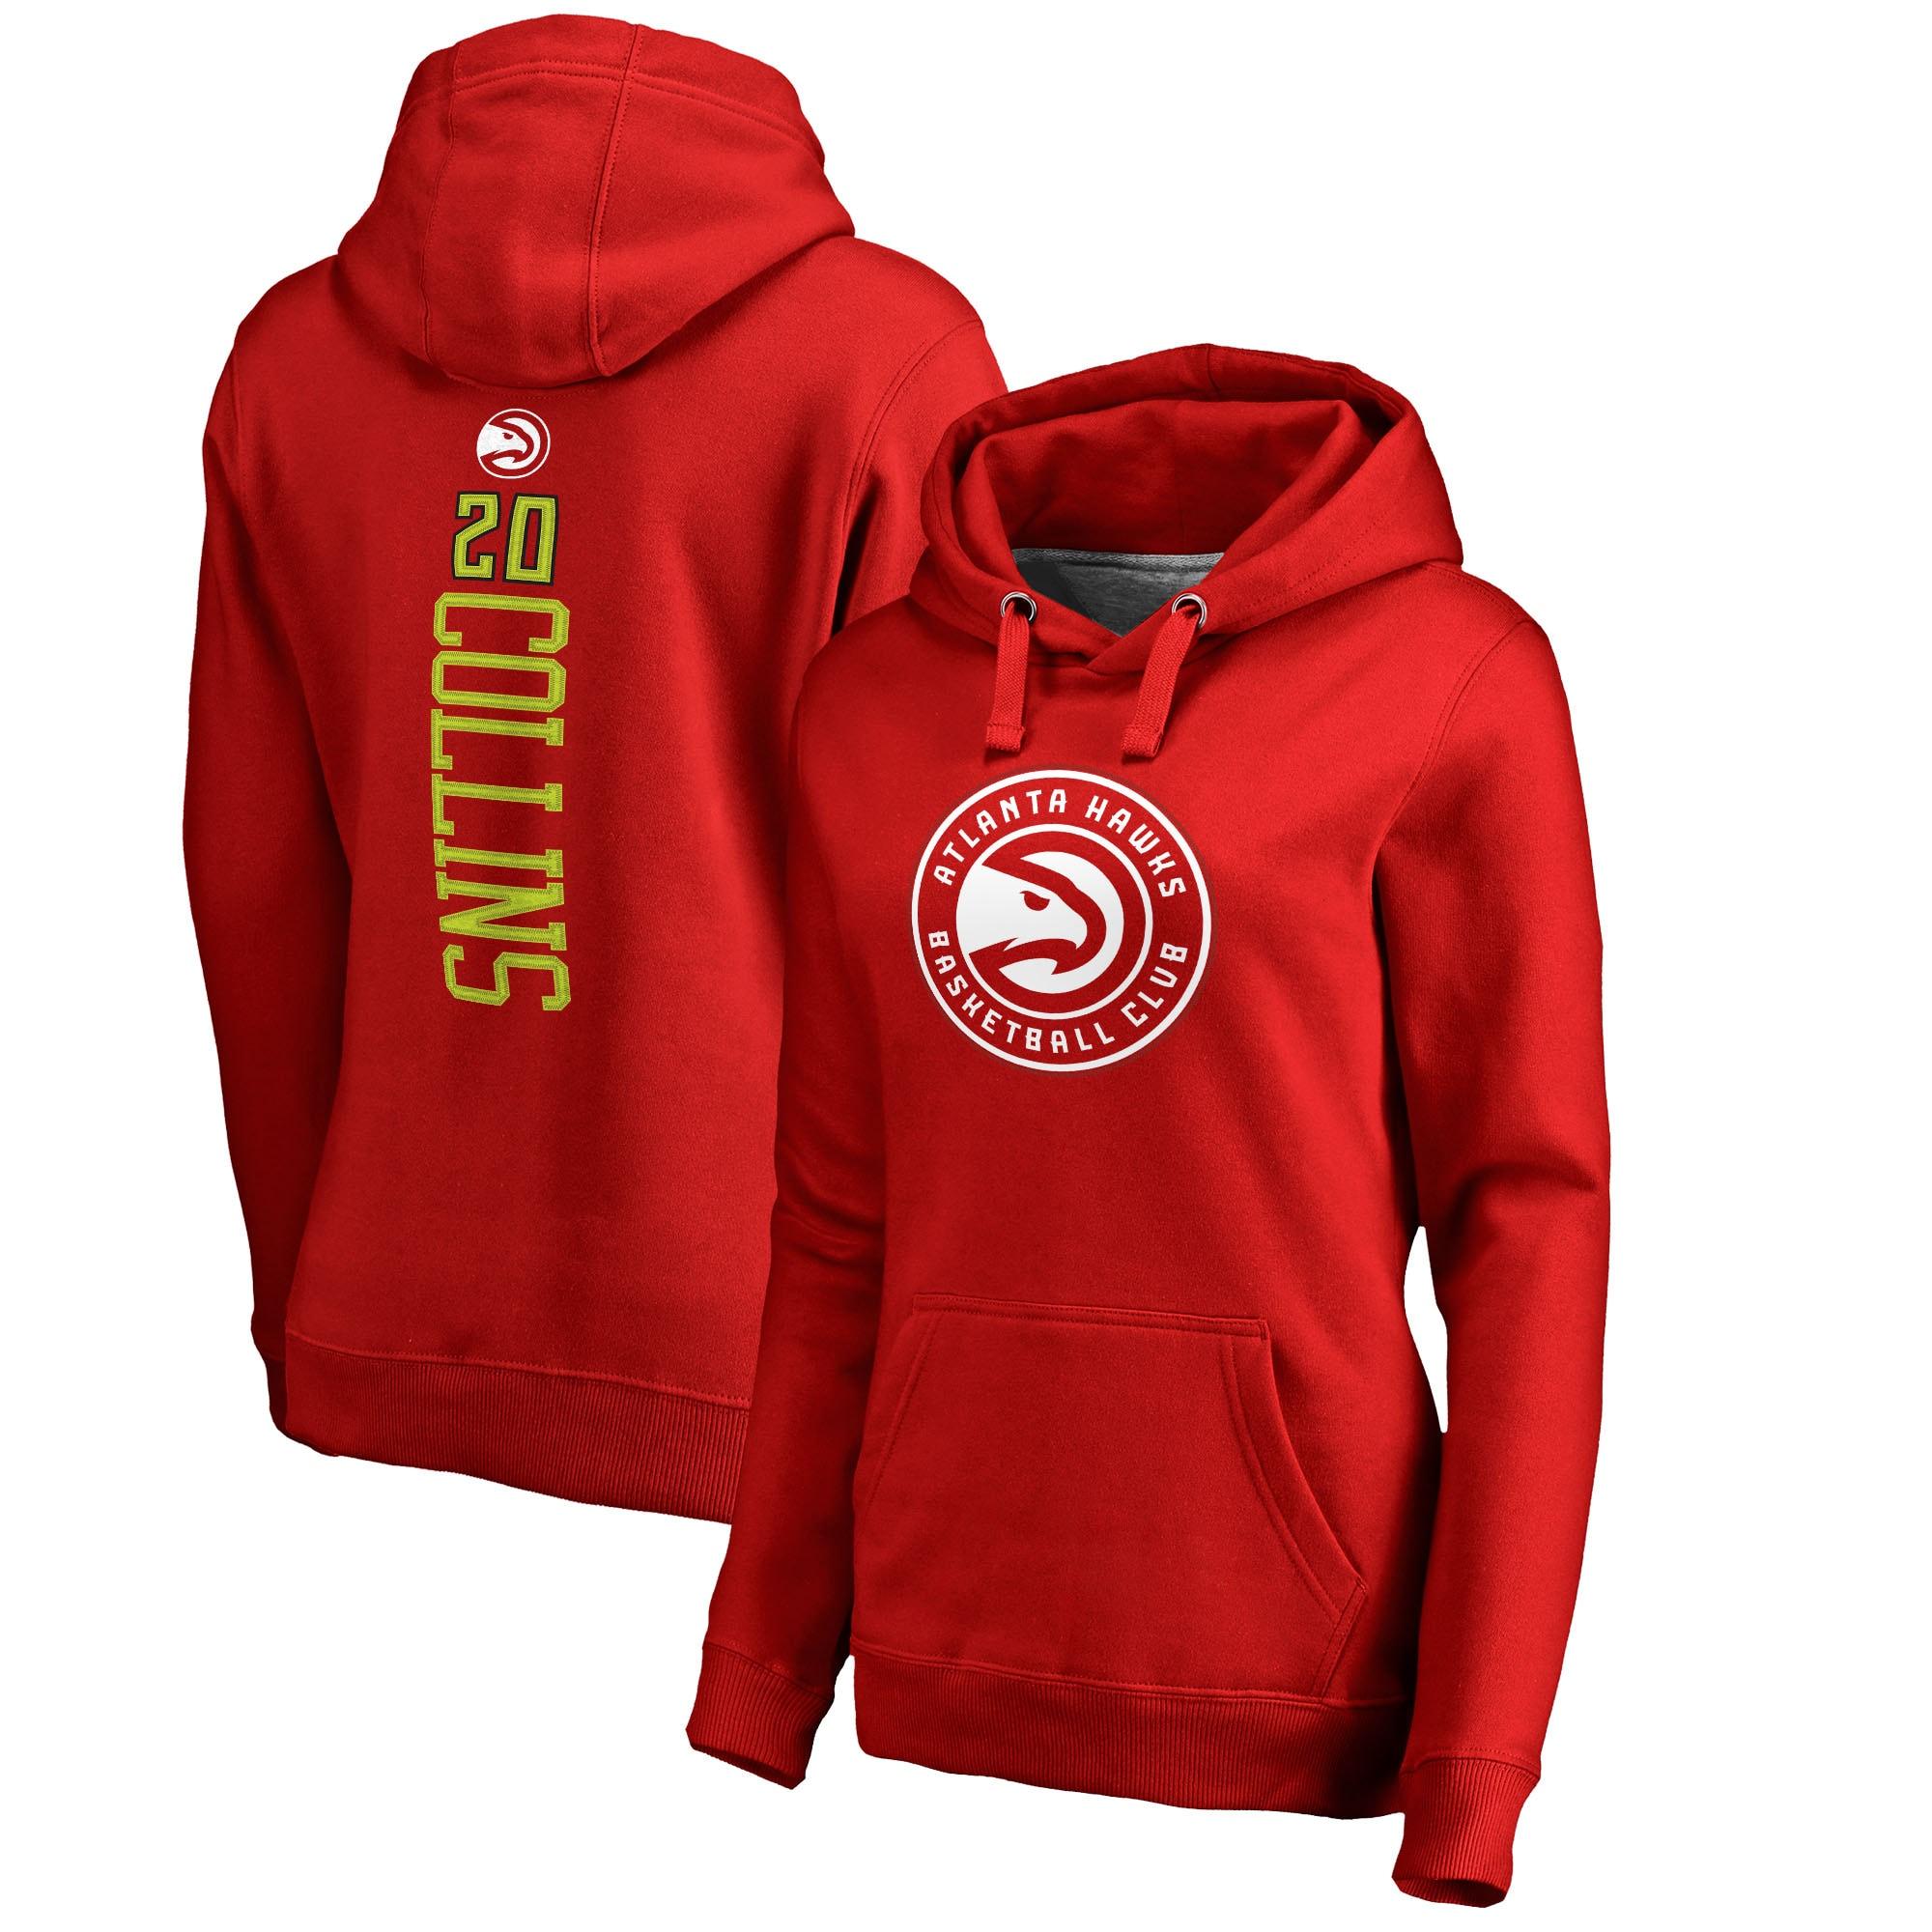 John Collins Atlanta Hawks Fanatics Branded Women's Backer Pullover Hoodie - Red